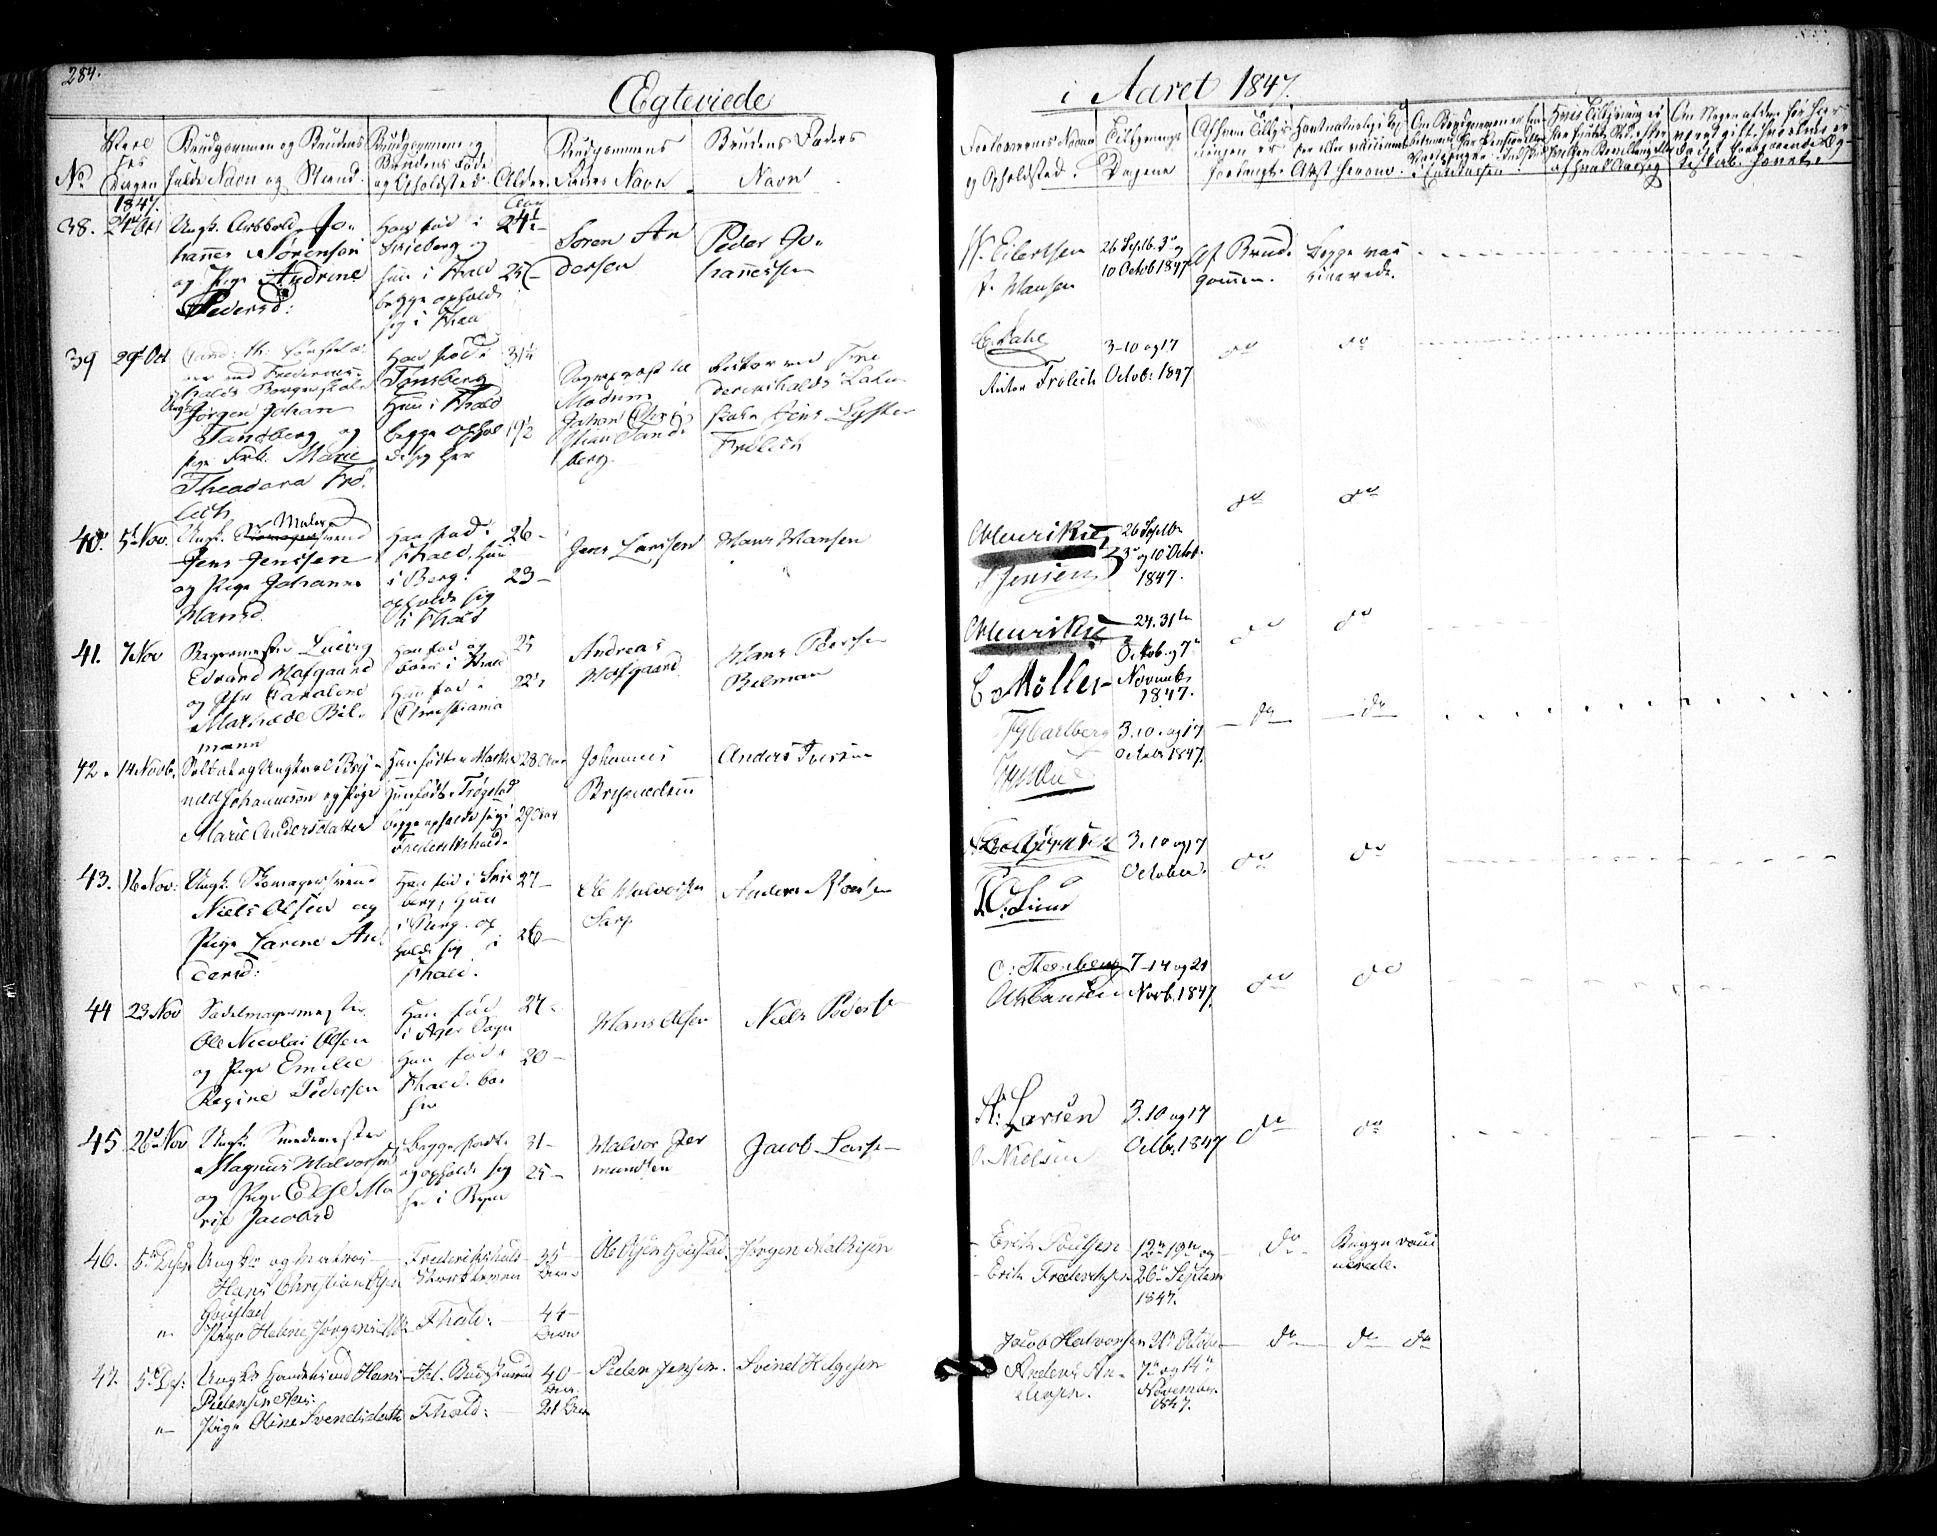 SAO, Halden prestekontor Kirkebøker, F/Fa/L0006: Ministerialbok nr. I 6, 1845-1856, s. 284